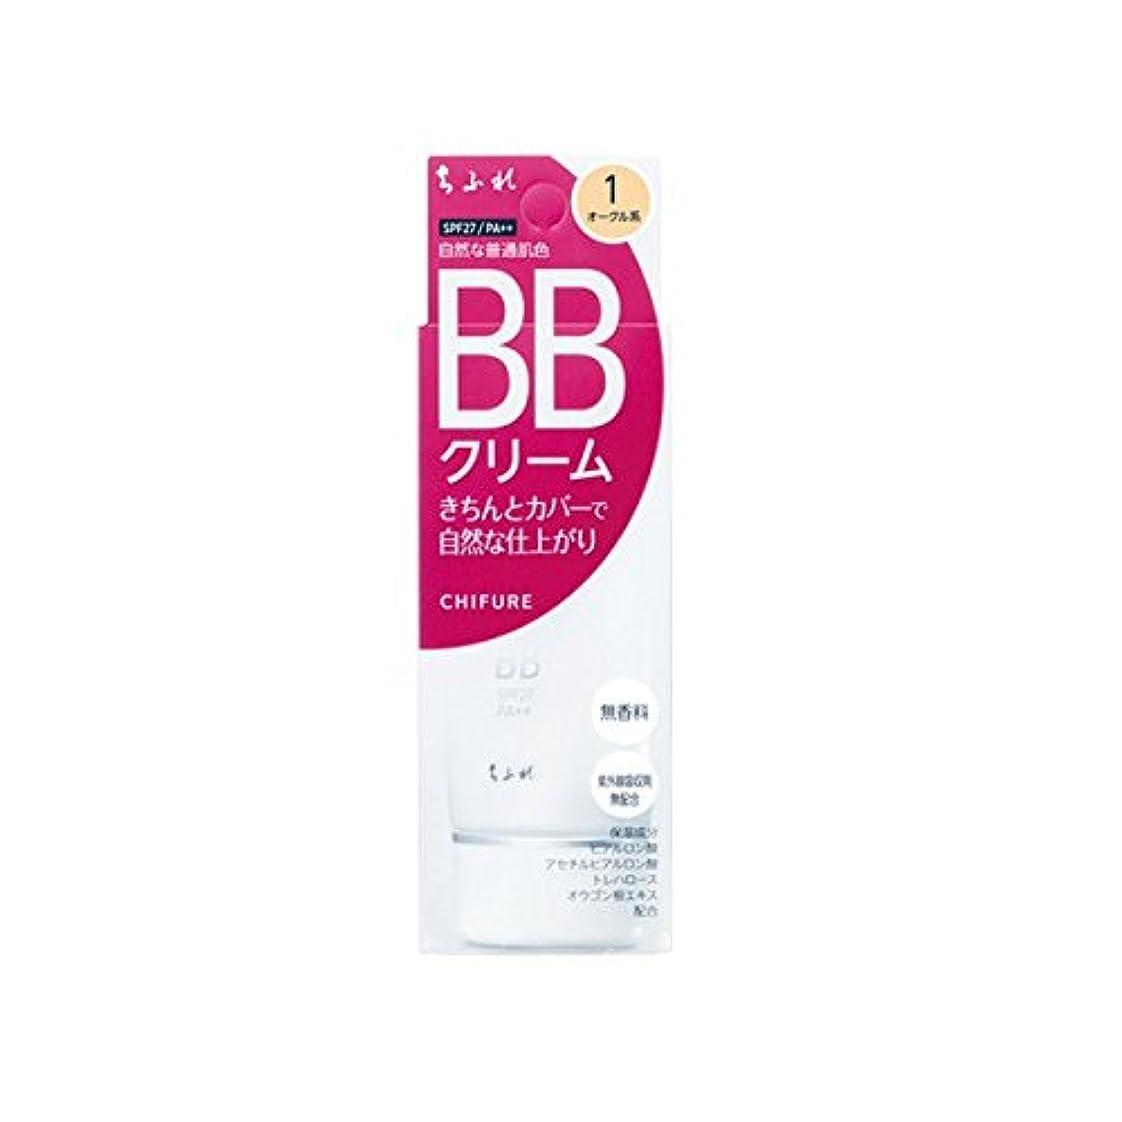 自明製造見ましたちふれ化粧品 BB クリーム 1 自然な普通肌色 BBクリーム 1